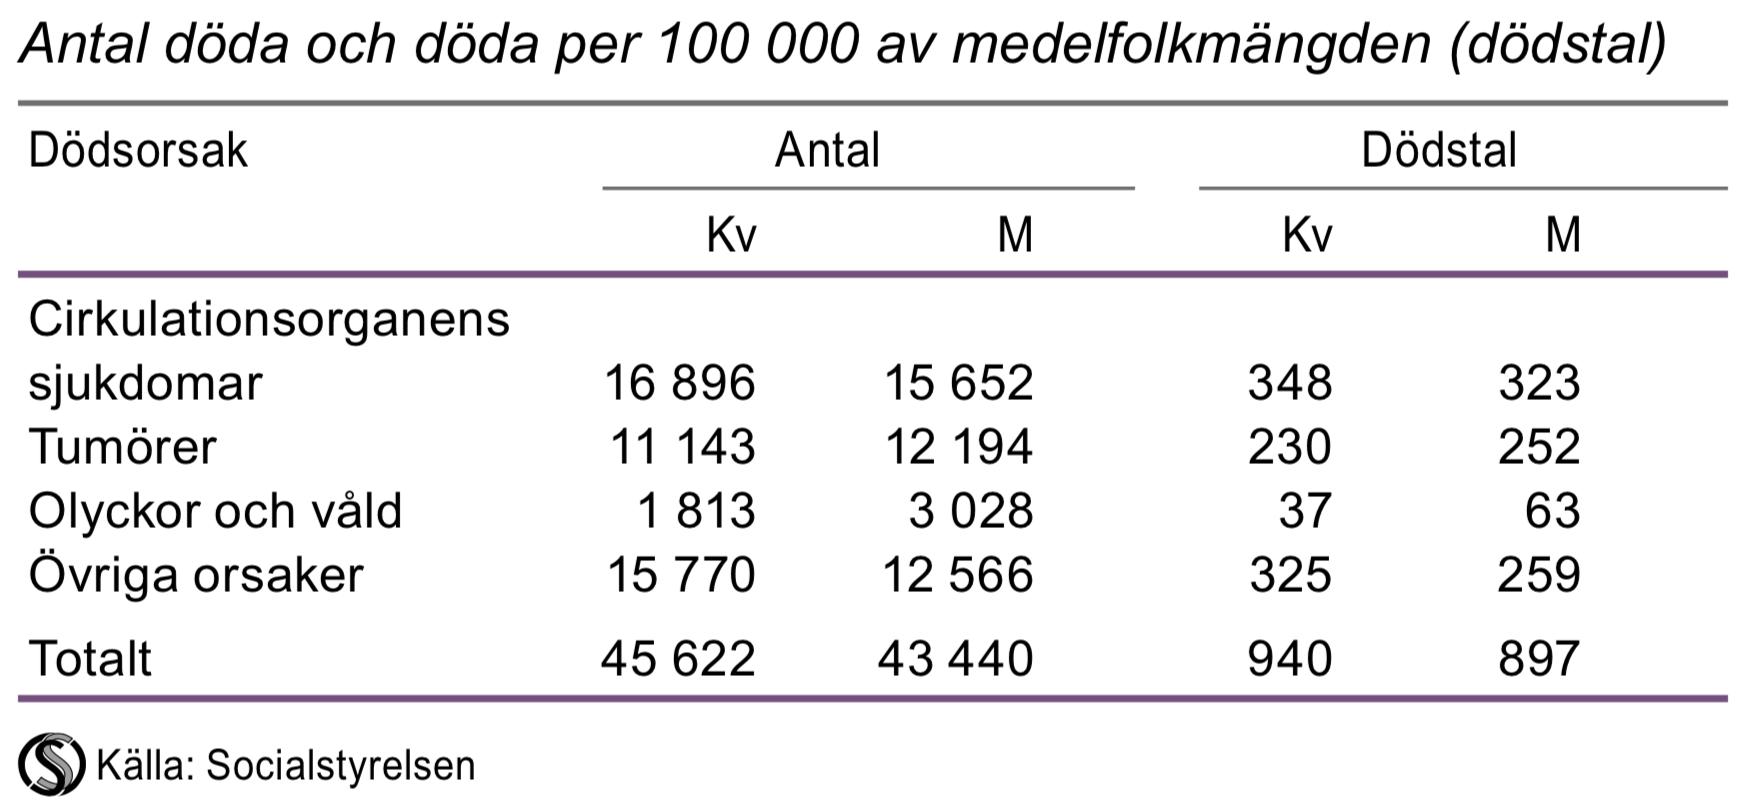 Dödstal efter dödsorsak 2014